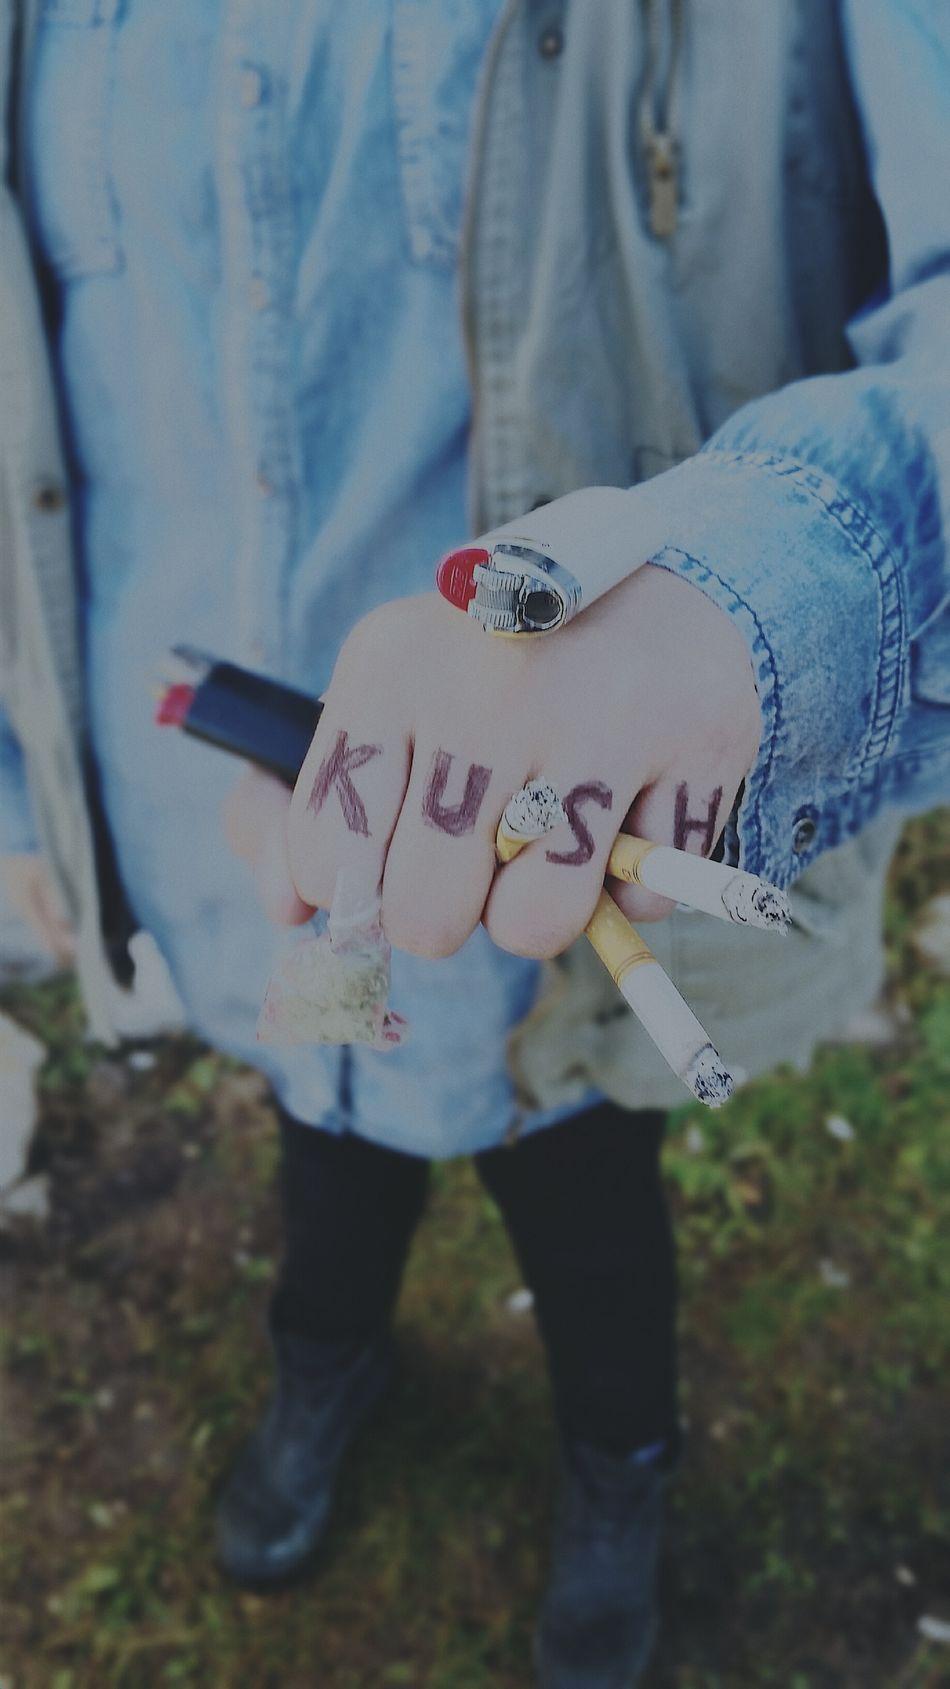 Good Kush And Alcohol Kushlife Kushgods WEEDLIFE Cigarettes 👌💕 Tumblrgirl Tumblr